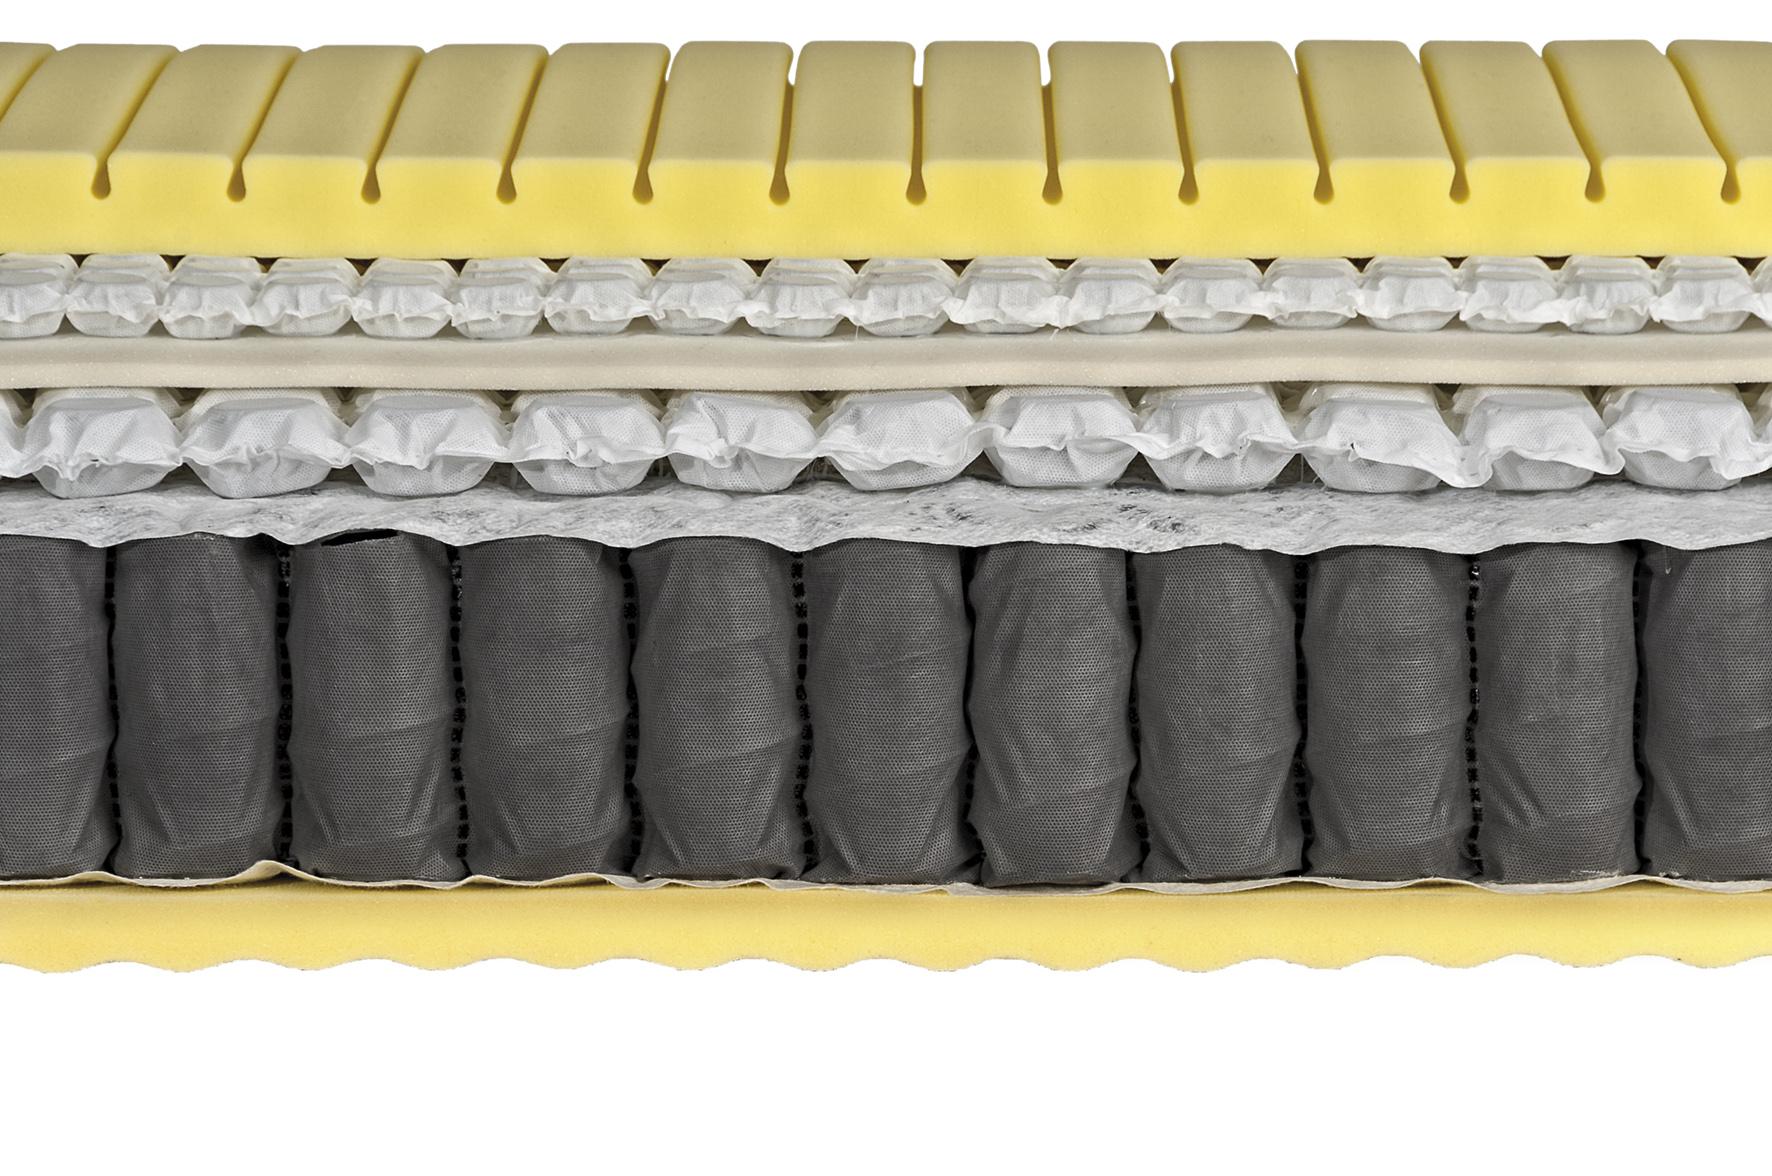 Fabbrica Materassi Lissone.Esposizione E Fabbrica Materassi In Brianza So Form Lissone